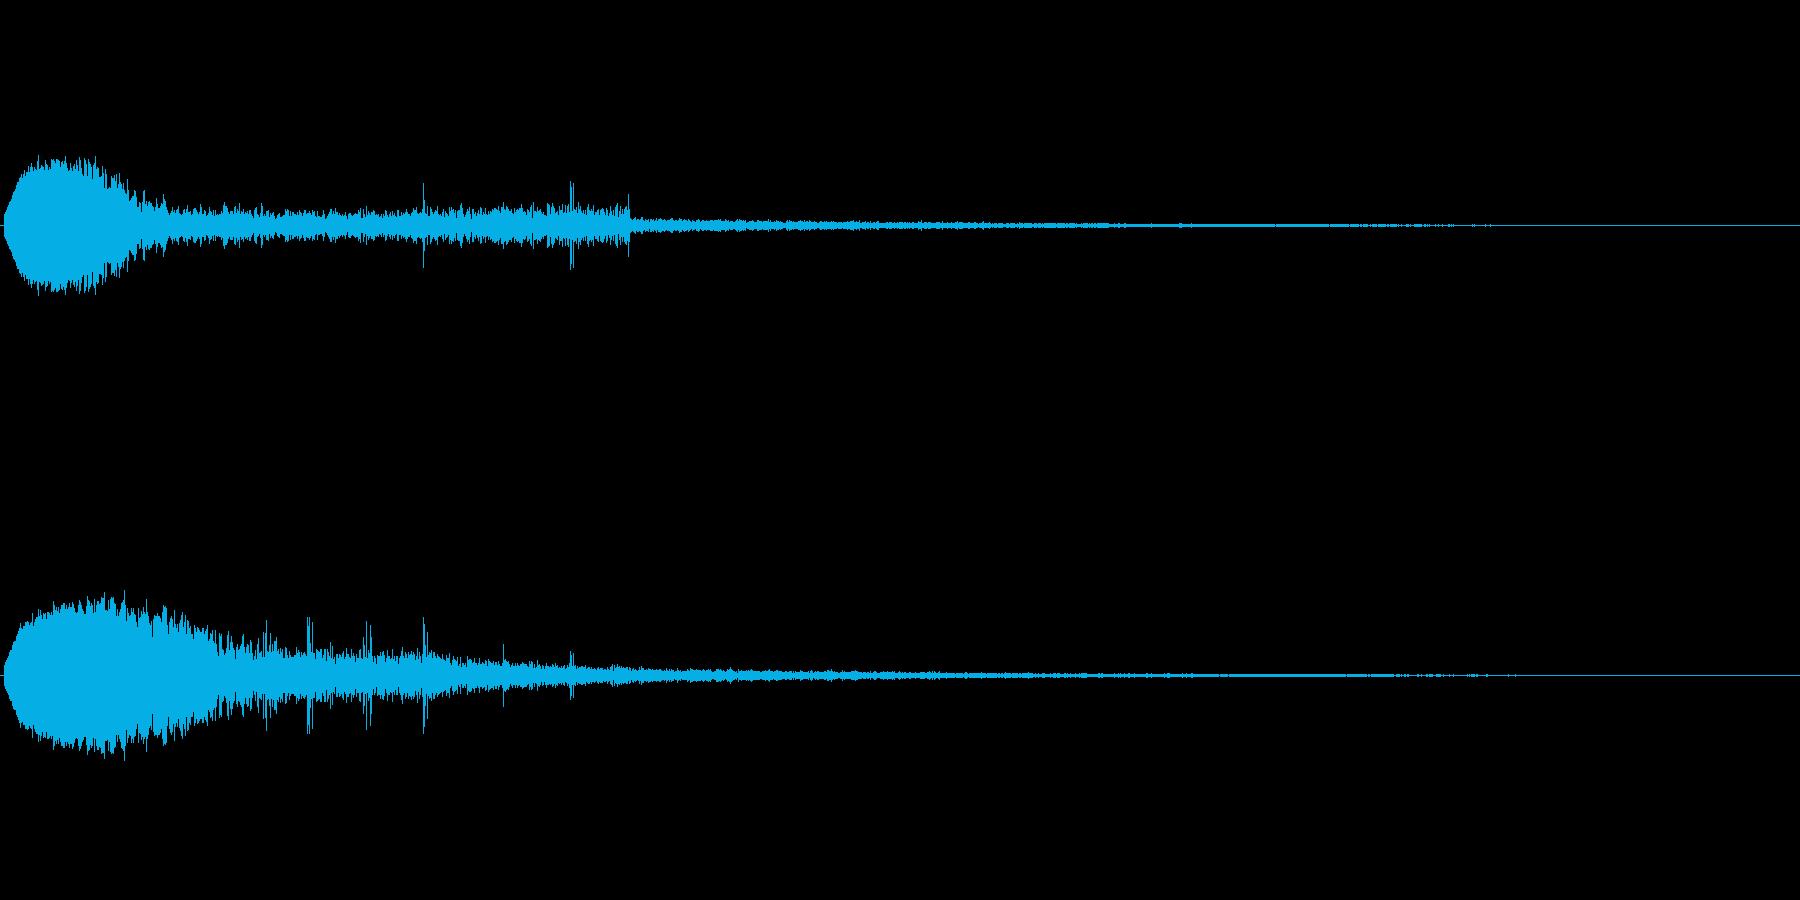 キュイーン(ゲーム・アプリ等の決定音)の再生済みの波形